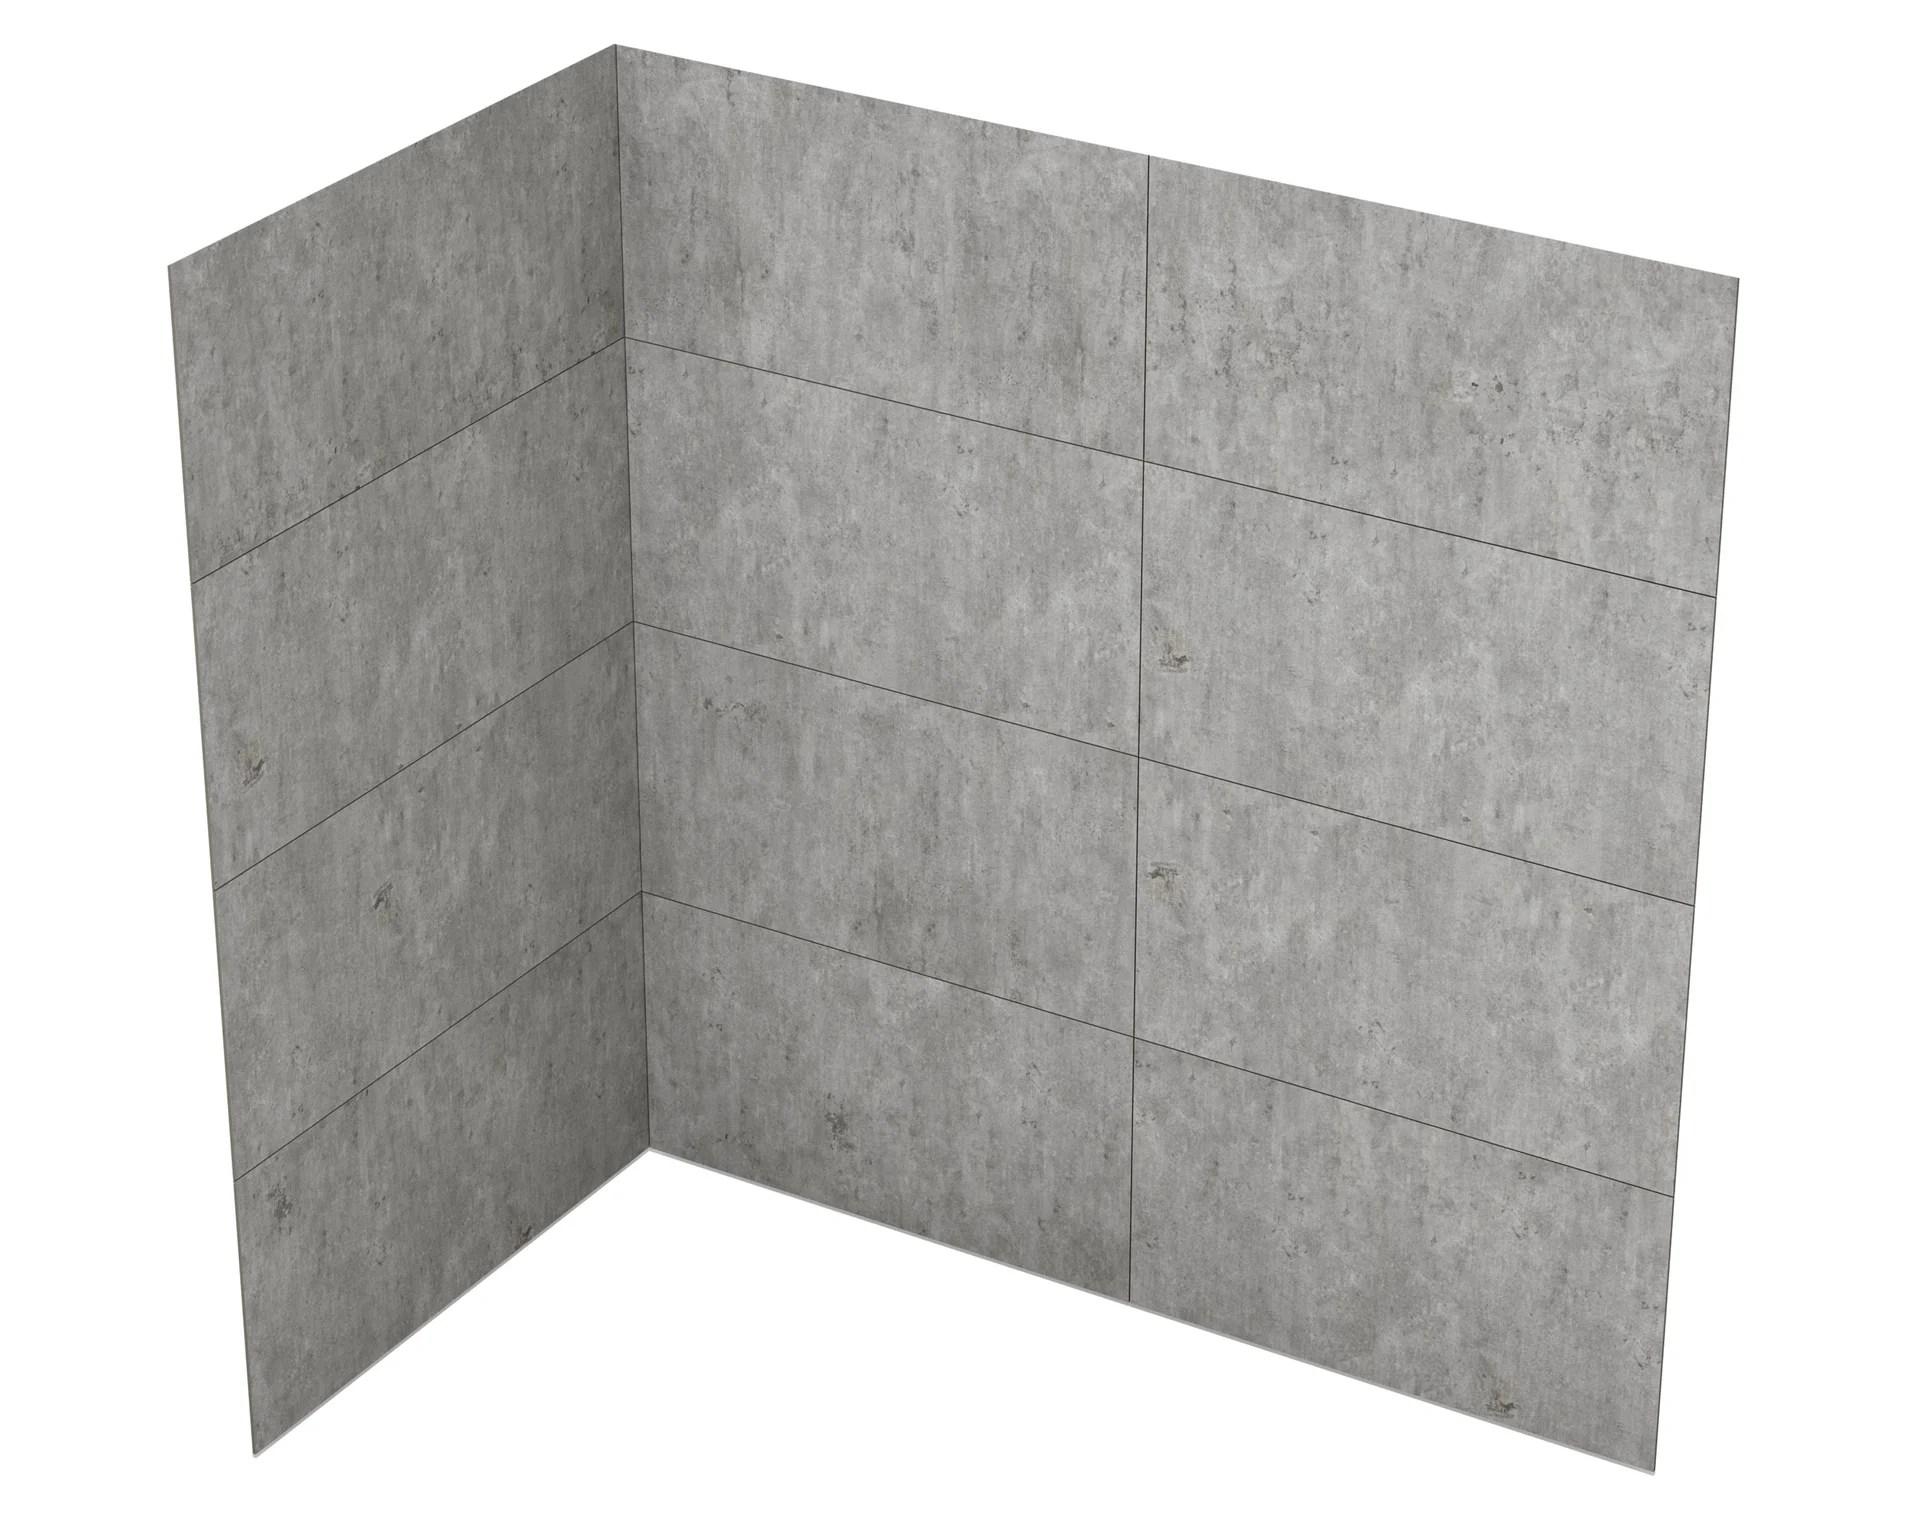 panneau mural h 90 x l 140 cm gres beton pour receveur 140x90 basins